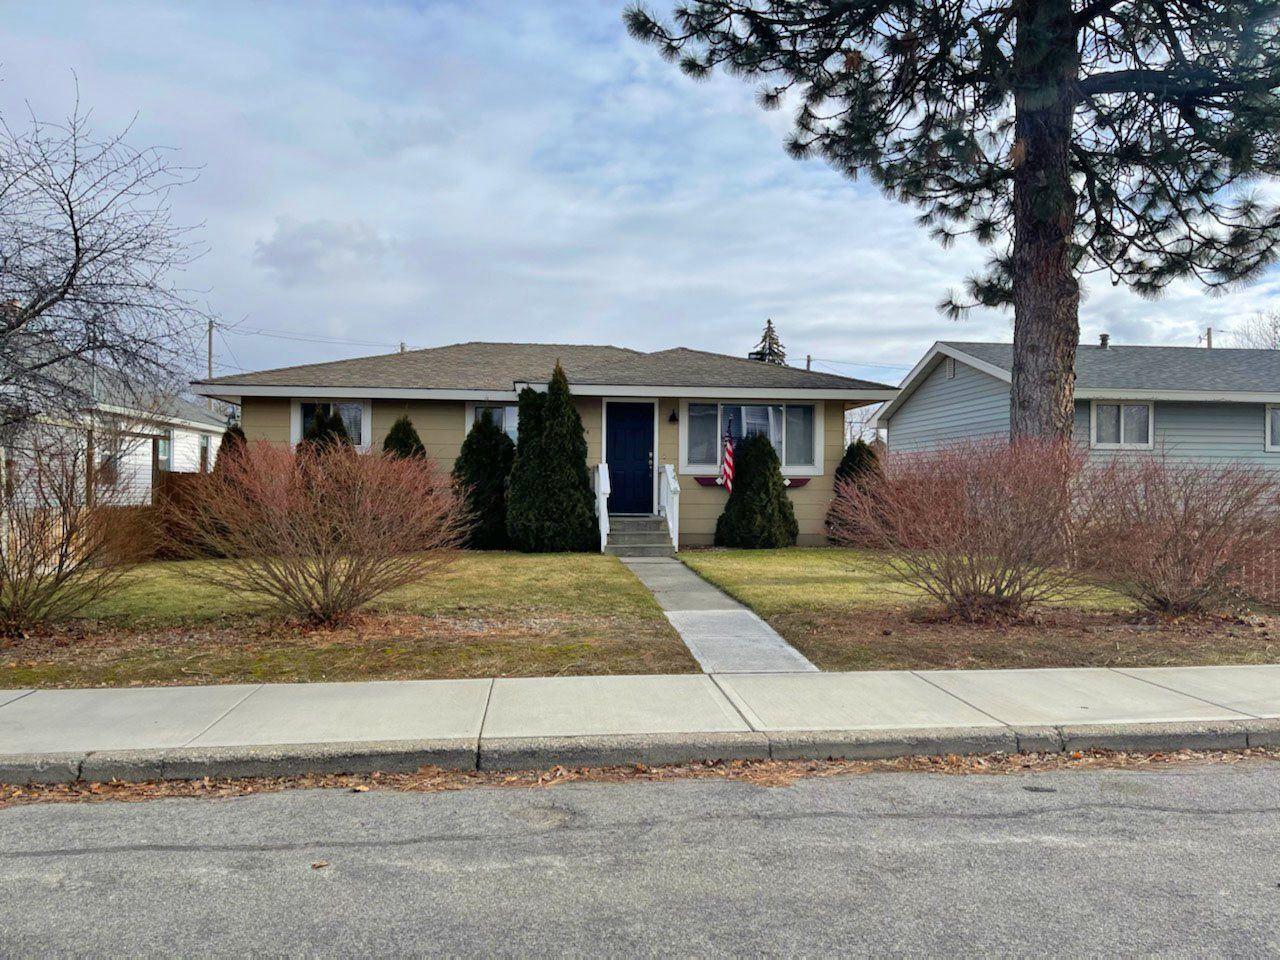 4224 N Oak St, Spokane, WA 99205 - #: 202111600